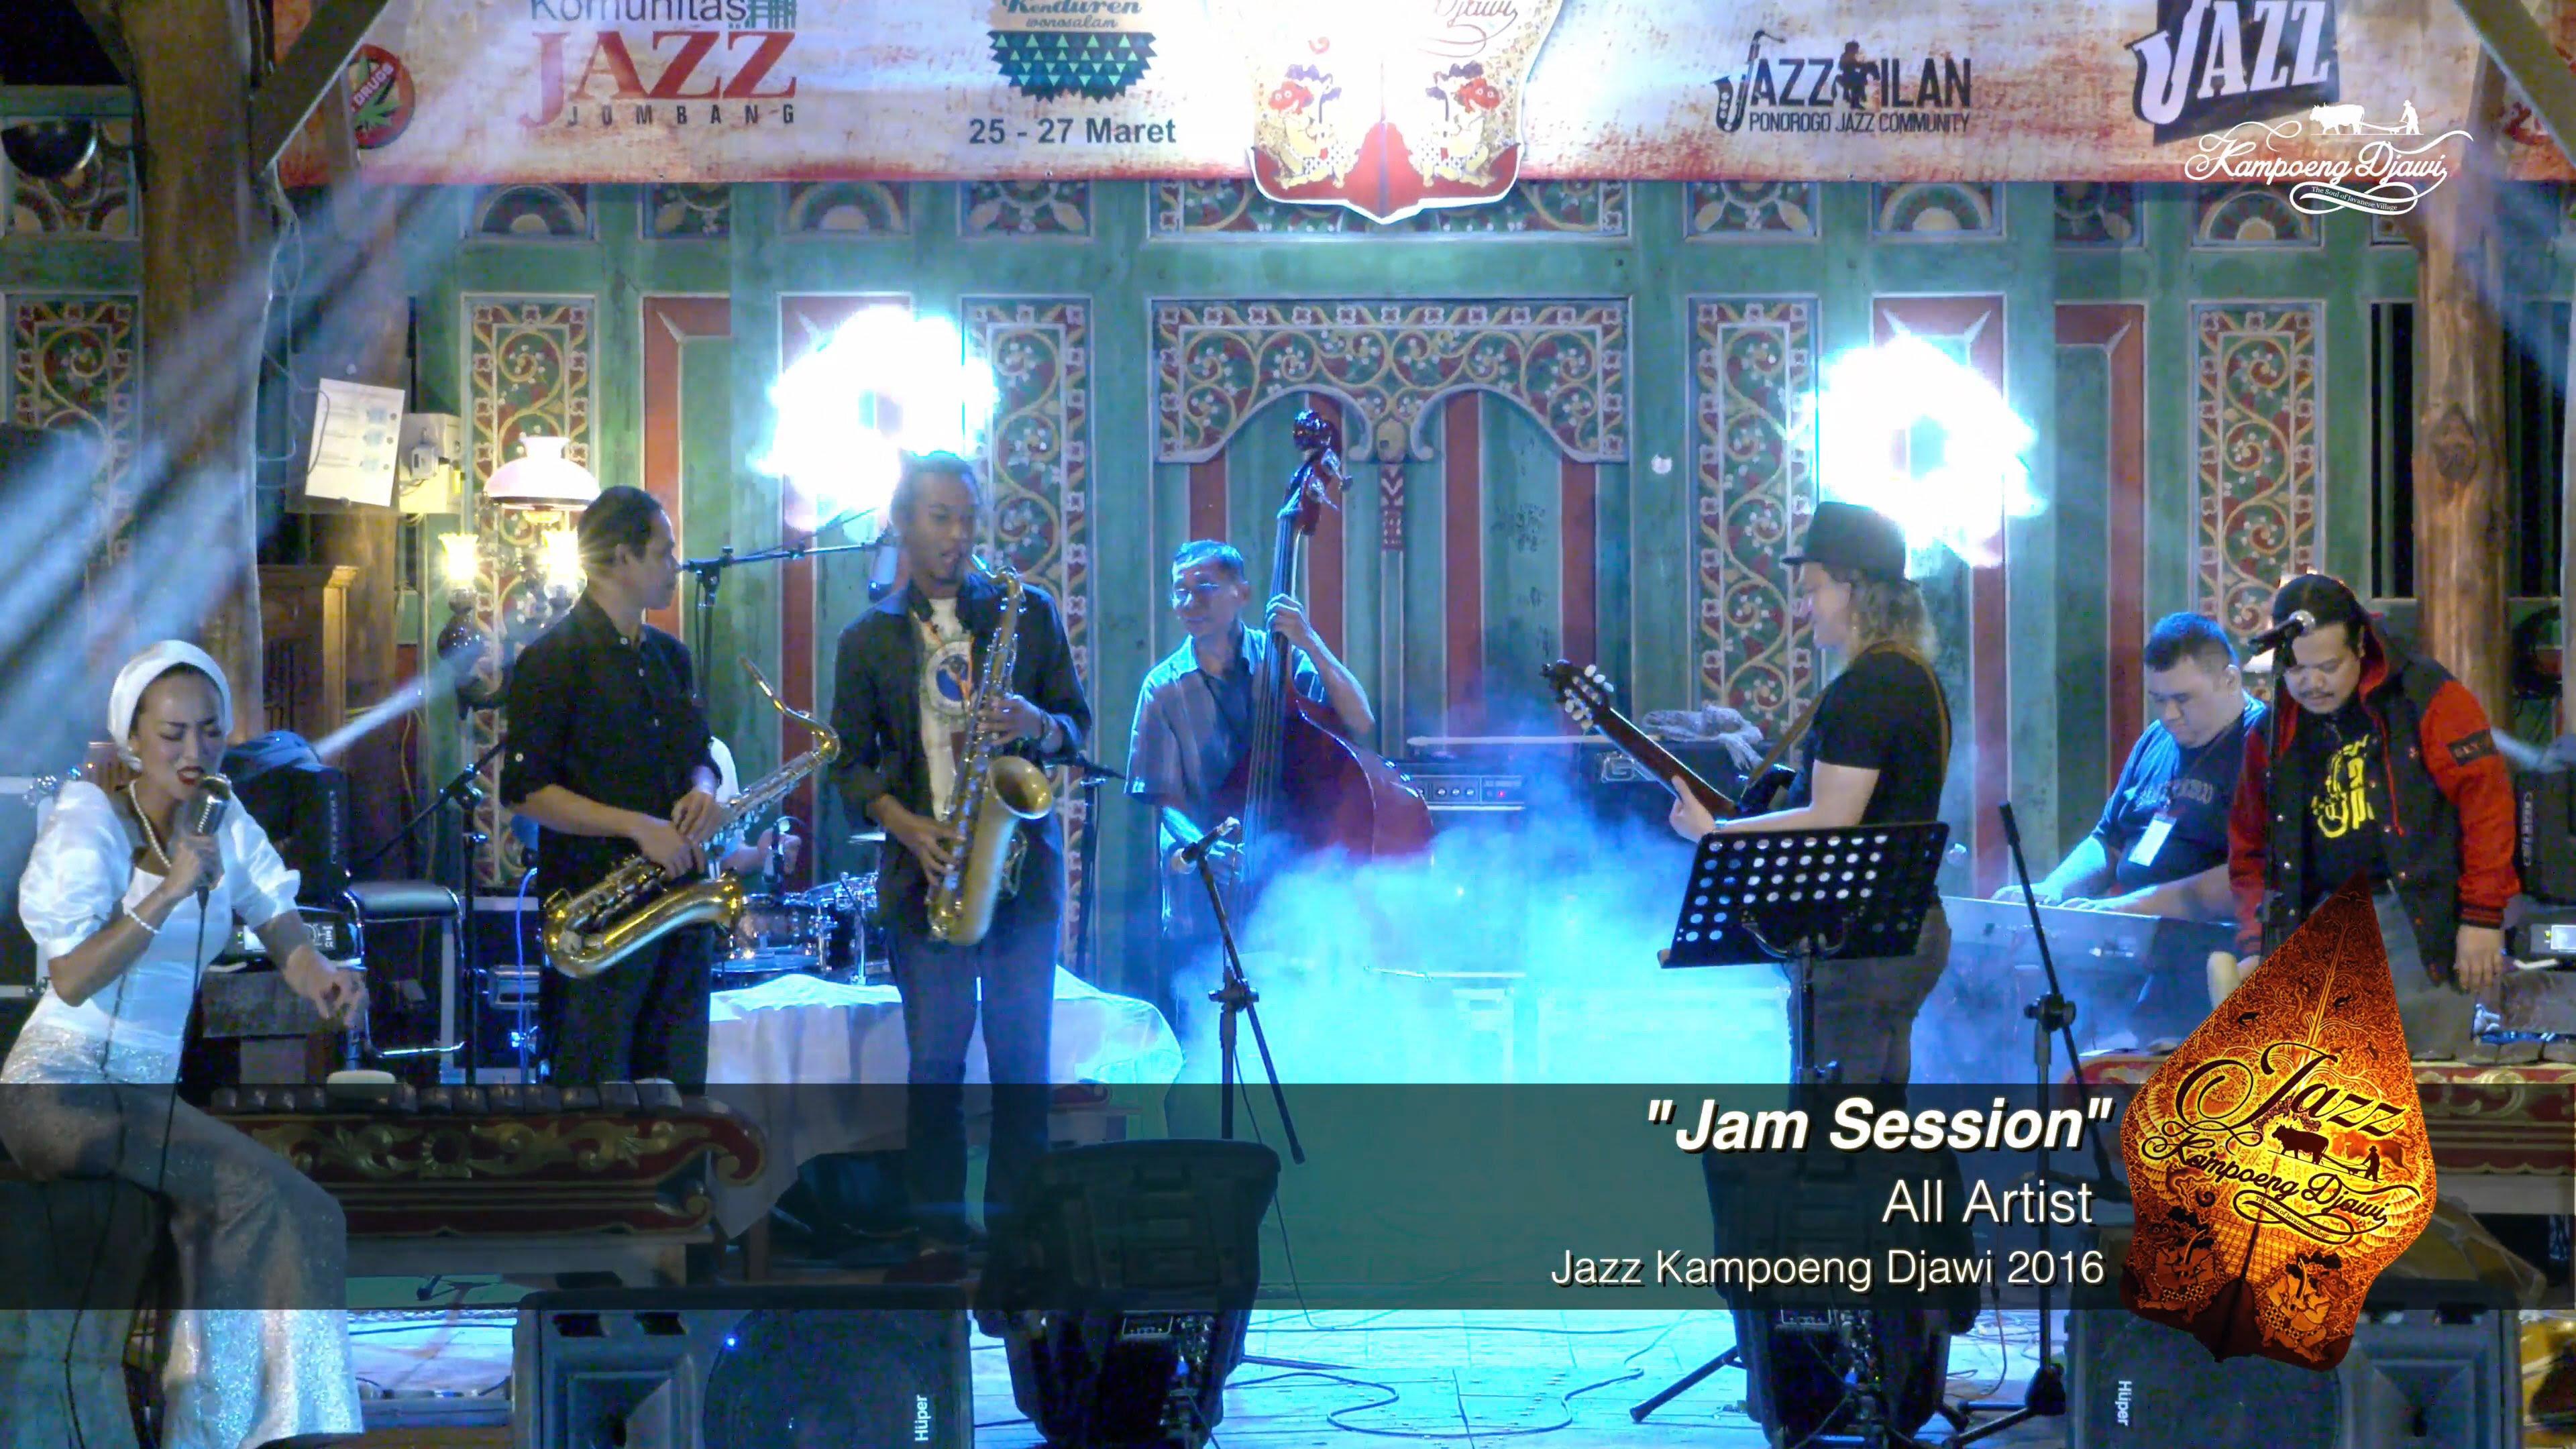 Jam Session Duke Place Jazz Kampoeng Djawi 2016 Youtube Kab